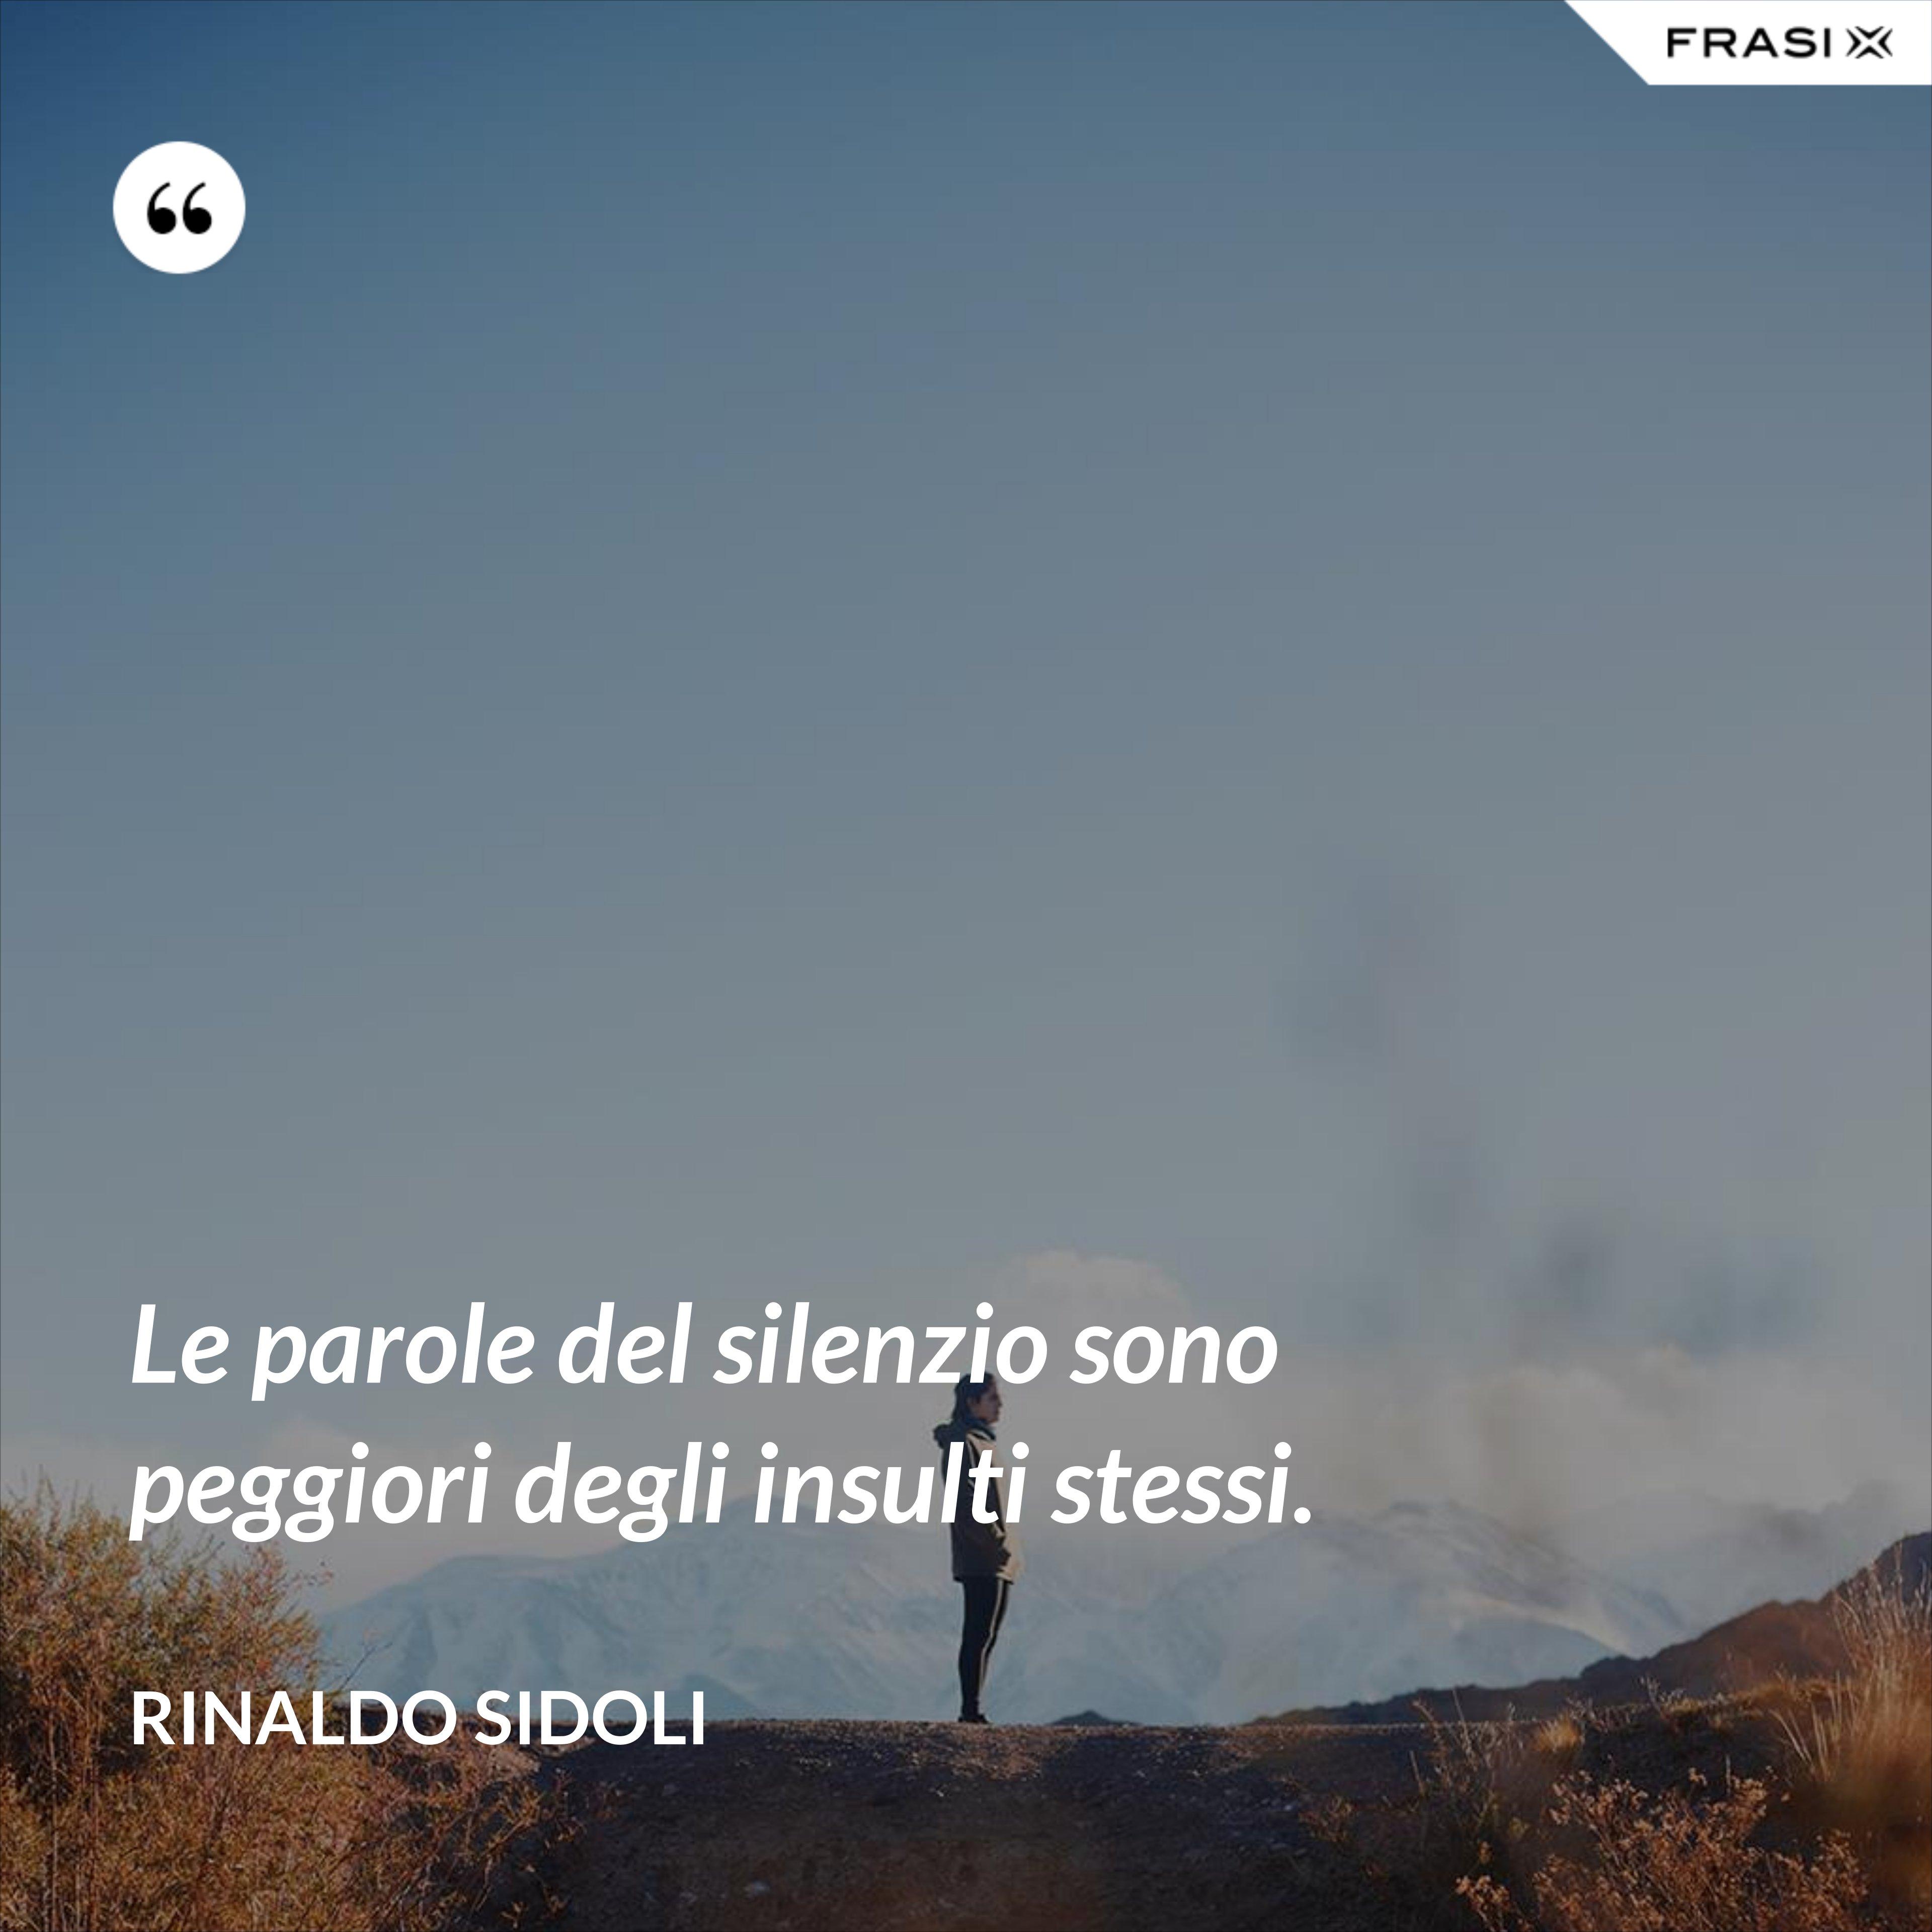 Le parole del silenzio sono peggiori degli insulti stessi. - Rinaldo Sidoli